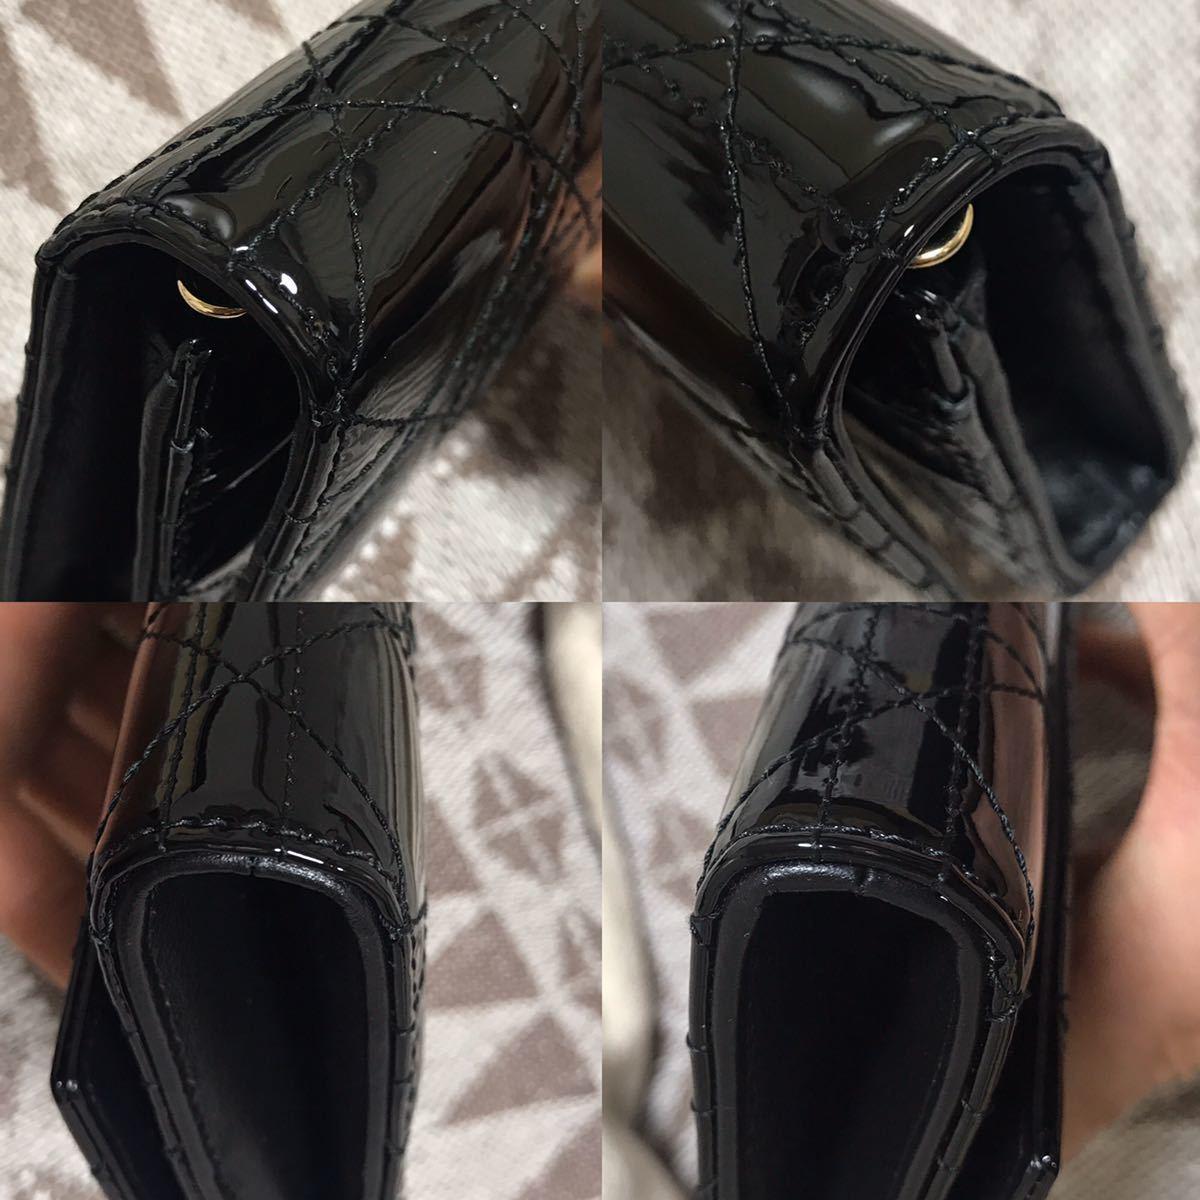 クリスチャンディオール 黒 ブラック 未使用品 チェーンウォレット パテント Christian Dior ゴールド 長財布 ショルダーバッグ_画像10